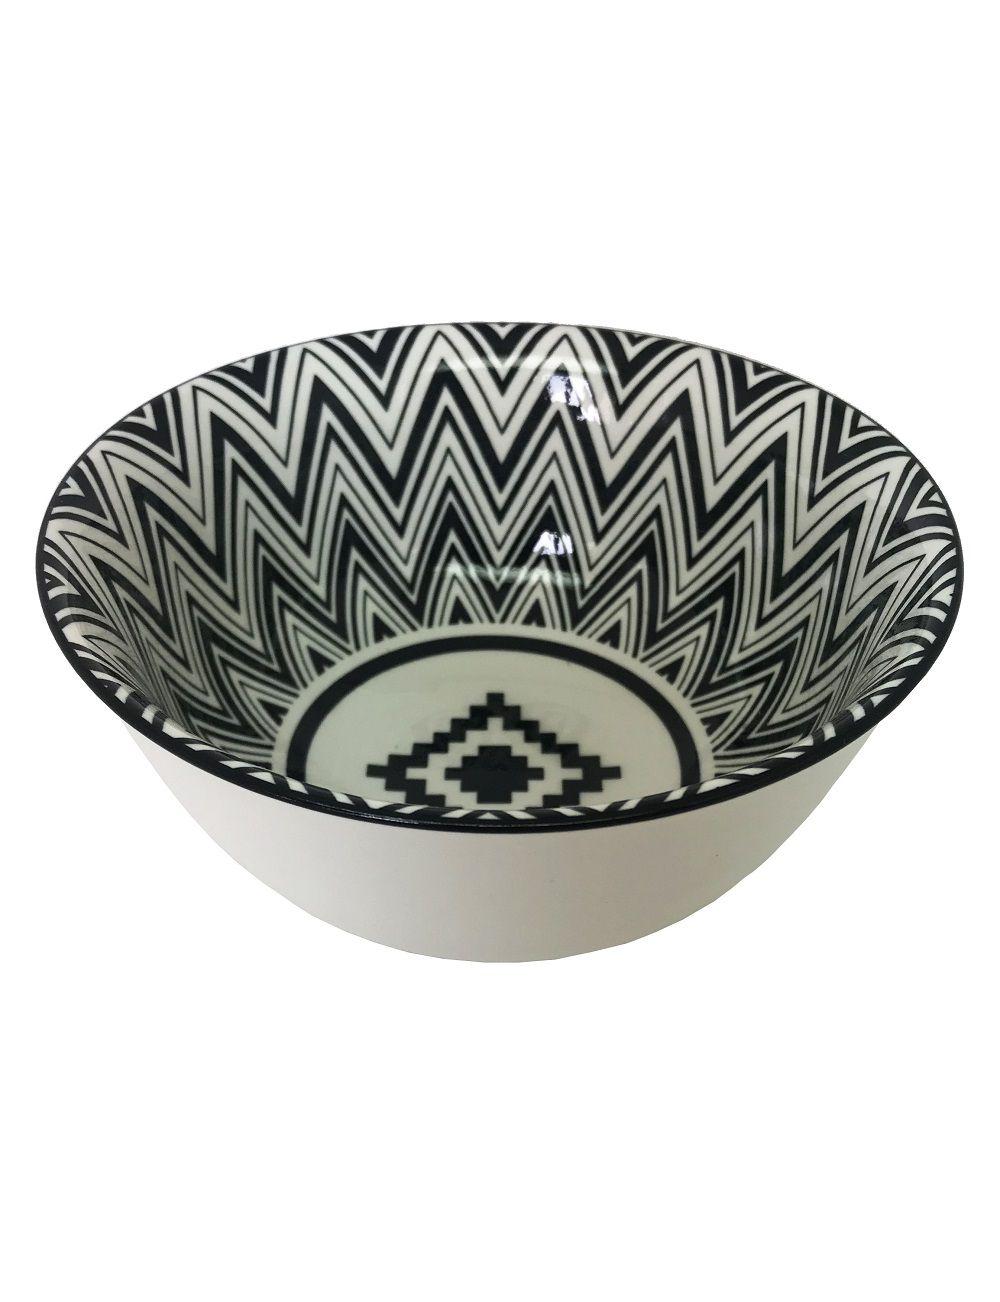 -Bowl - Chevron preto e branco